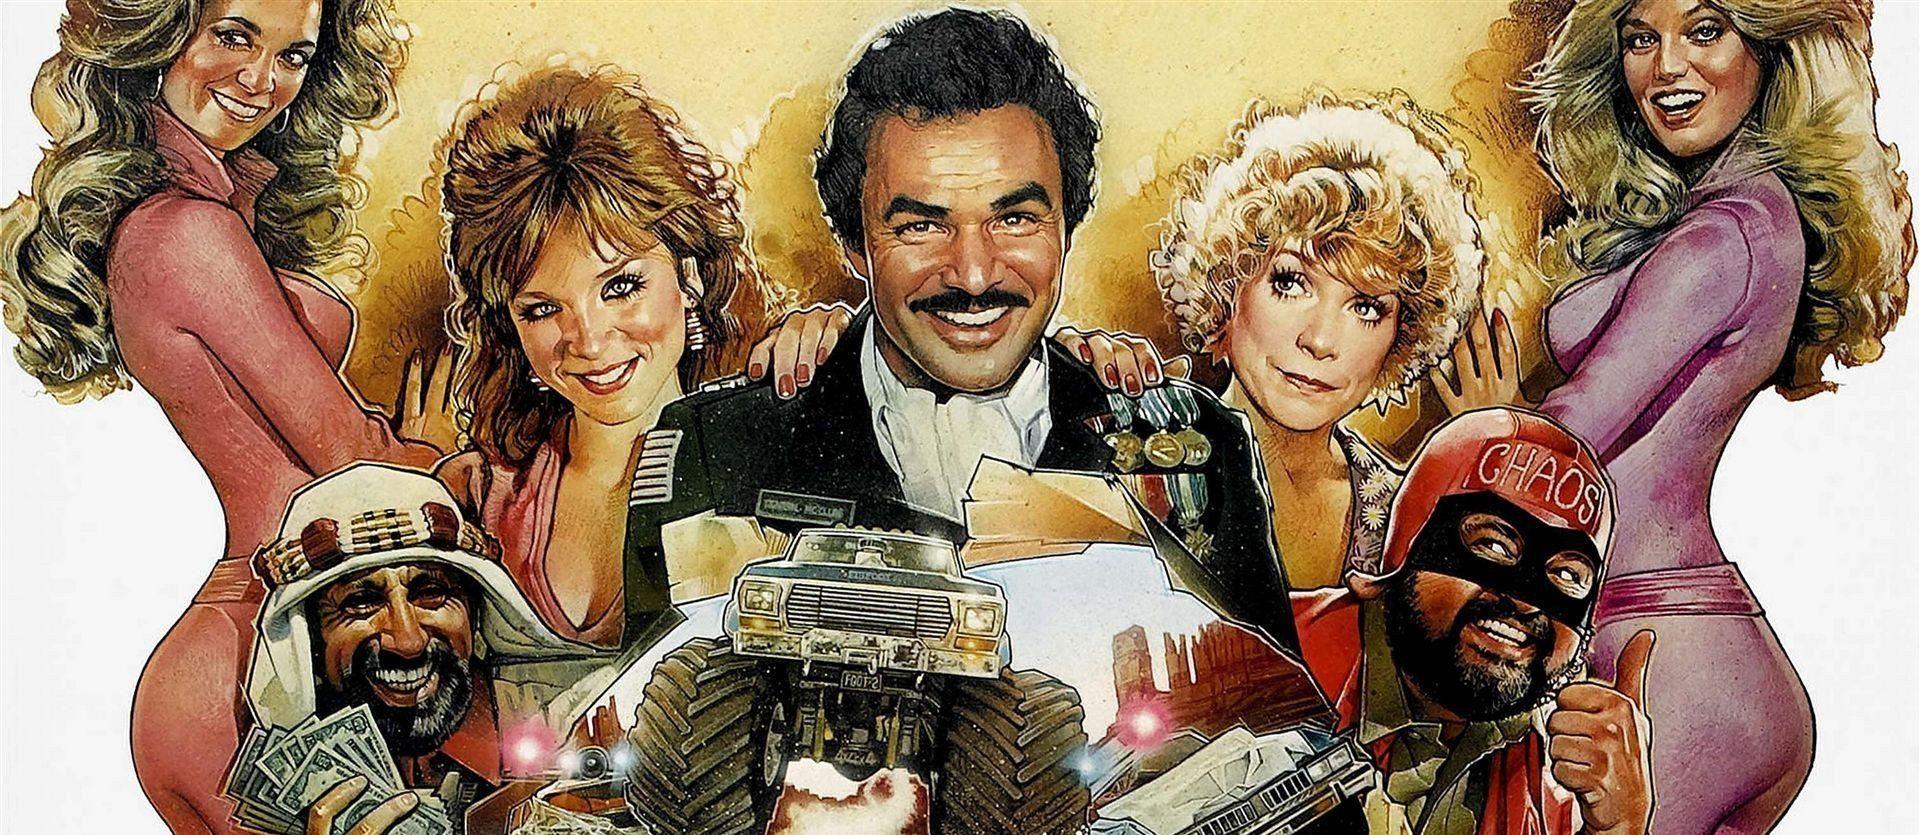 Win-The-Cannonball-Run-The-Cannonball-Run-II-on-Blu-Ray